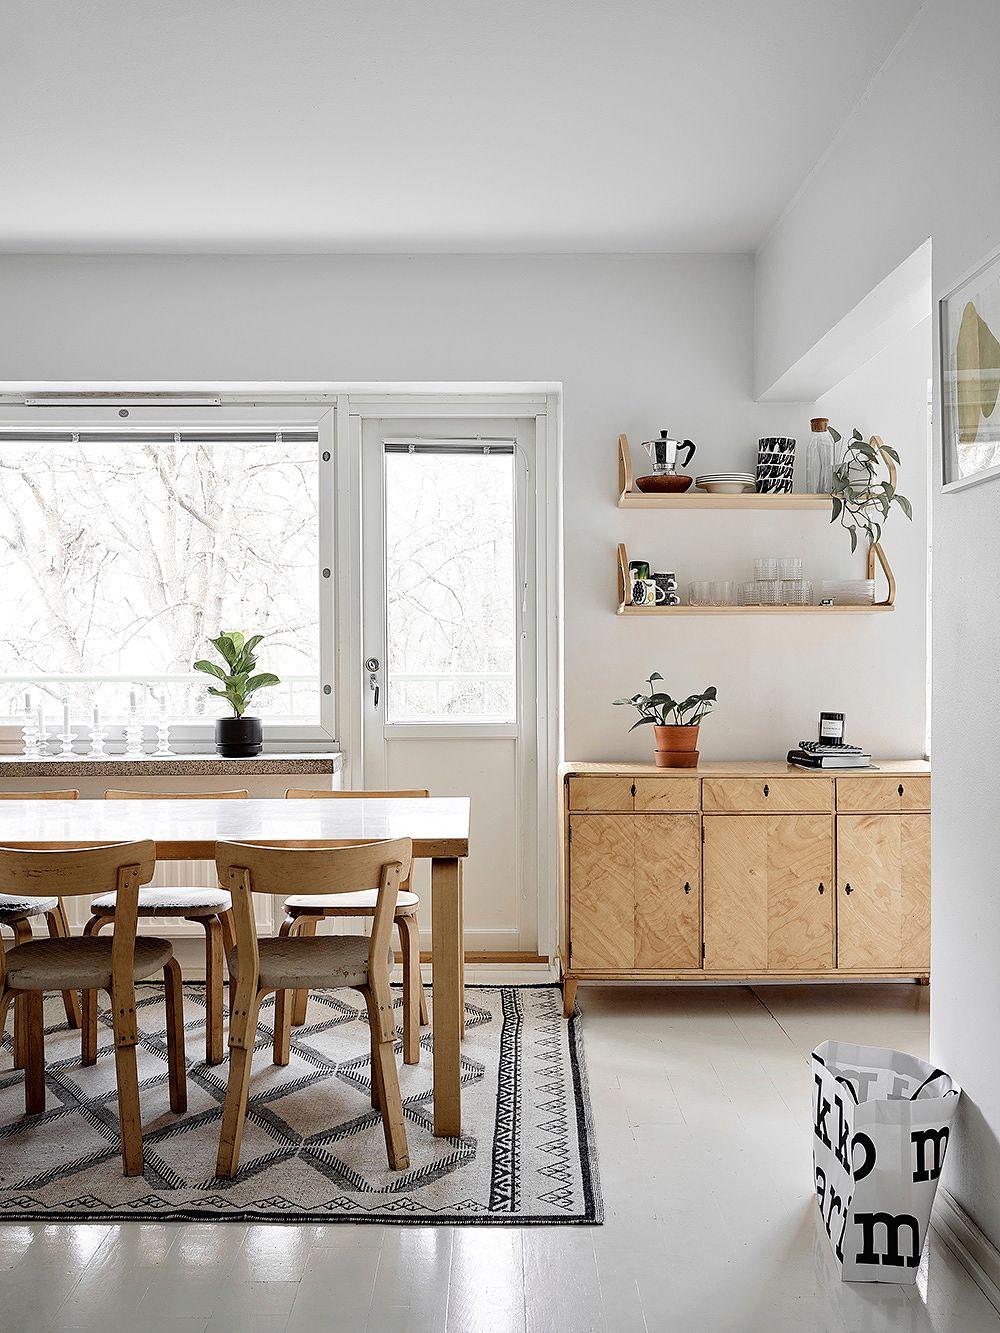 Olli-Pekka Koljonen's home